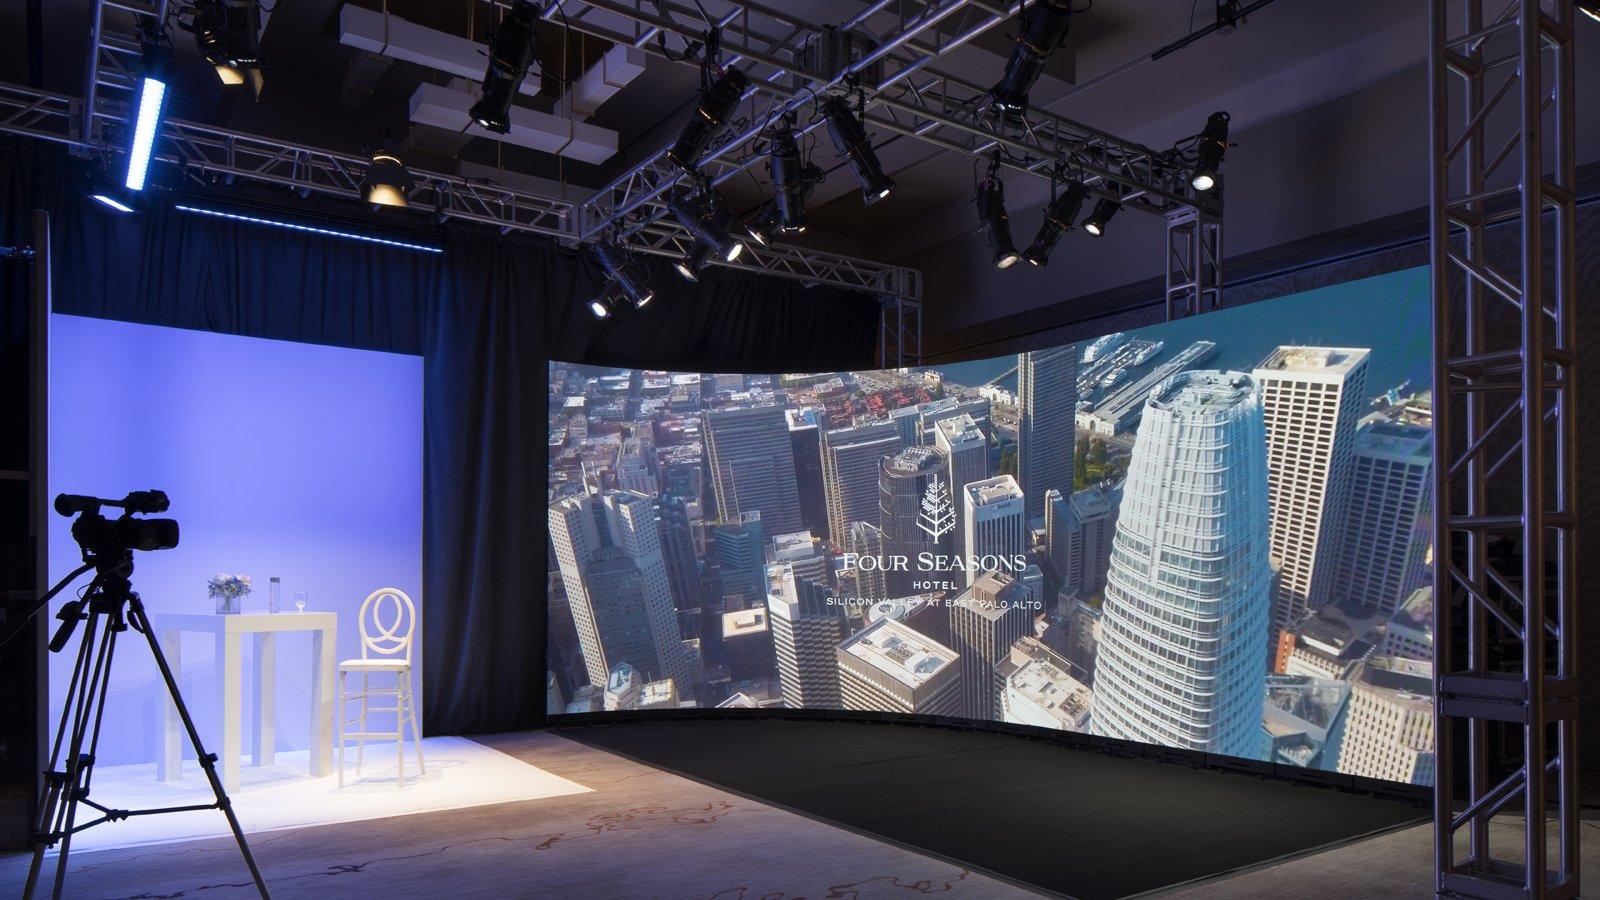 Reuniões e eventos em uma era virtual: Marca de hotel de luxo promove conexões de qualquer lugar do mundo com reuniões híbridas